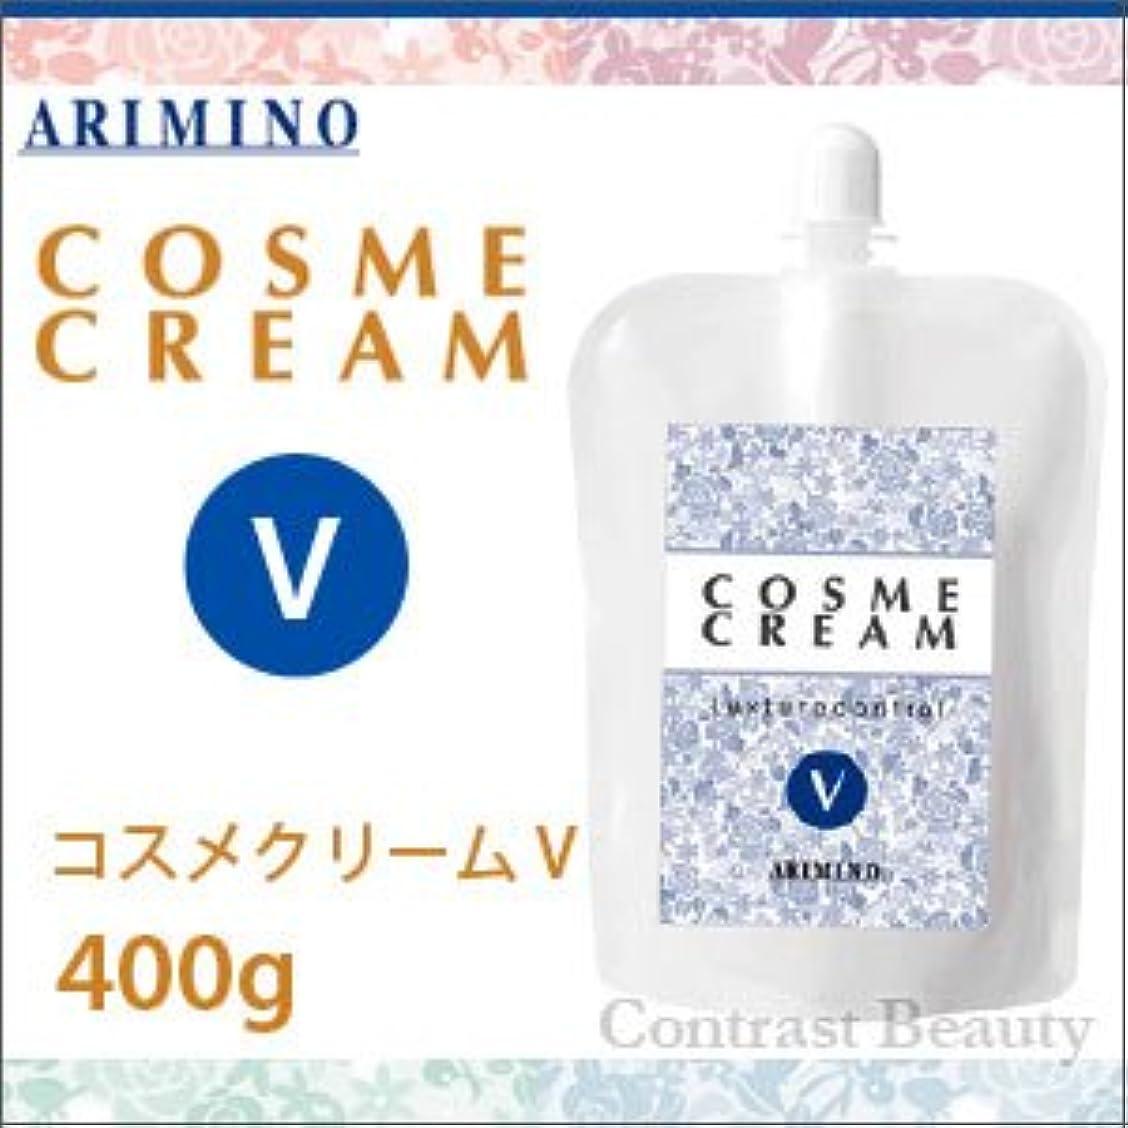 ペグ予測する【X5個セット】 アリミノ コスメクリーム V 400g